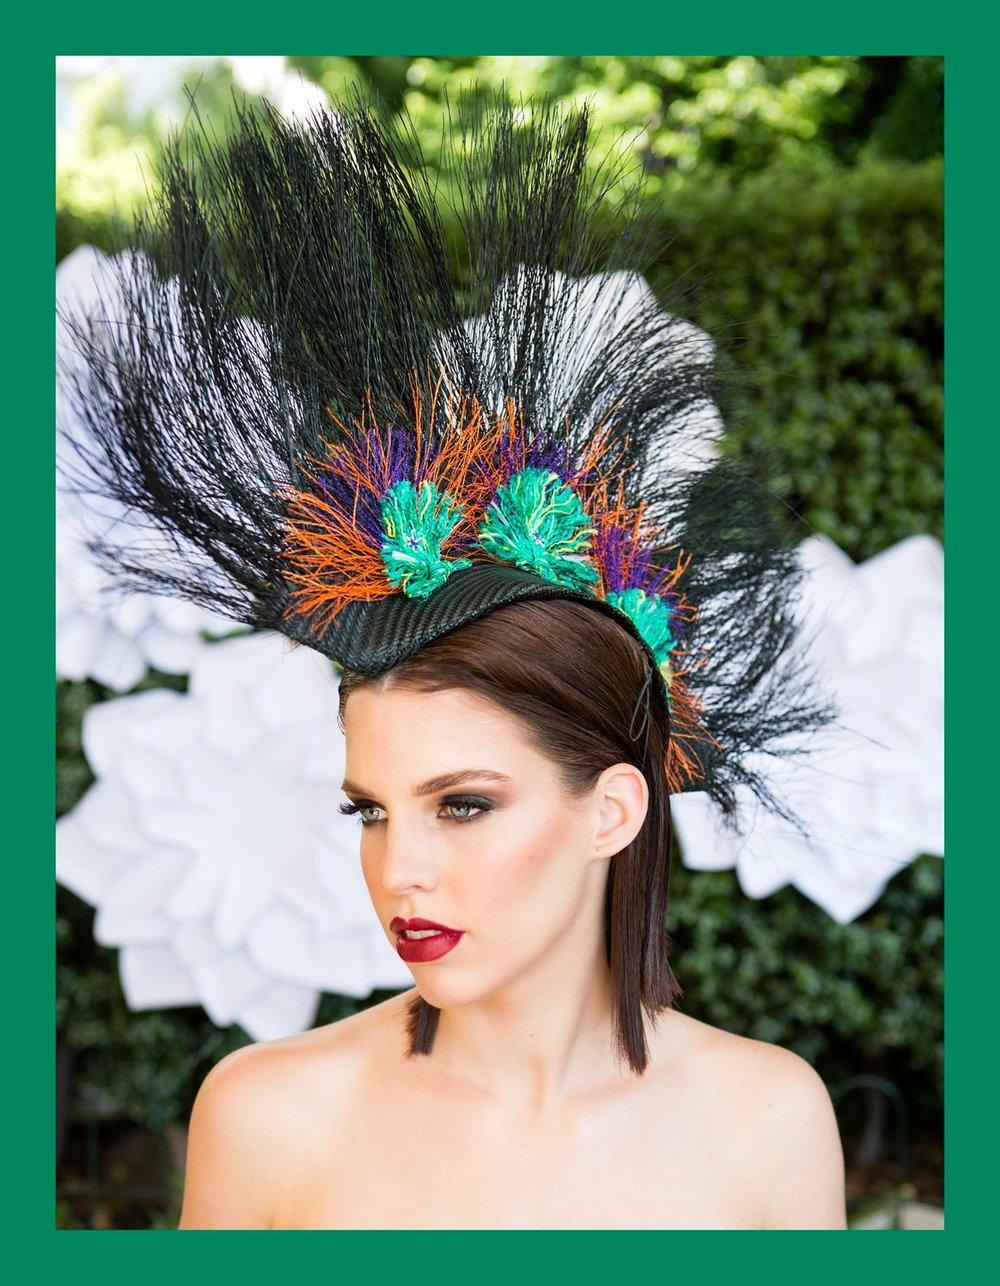 Image courtesy of the Fashion Vault